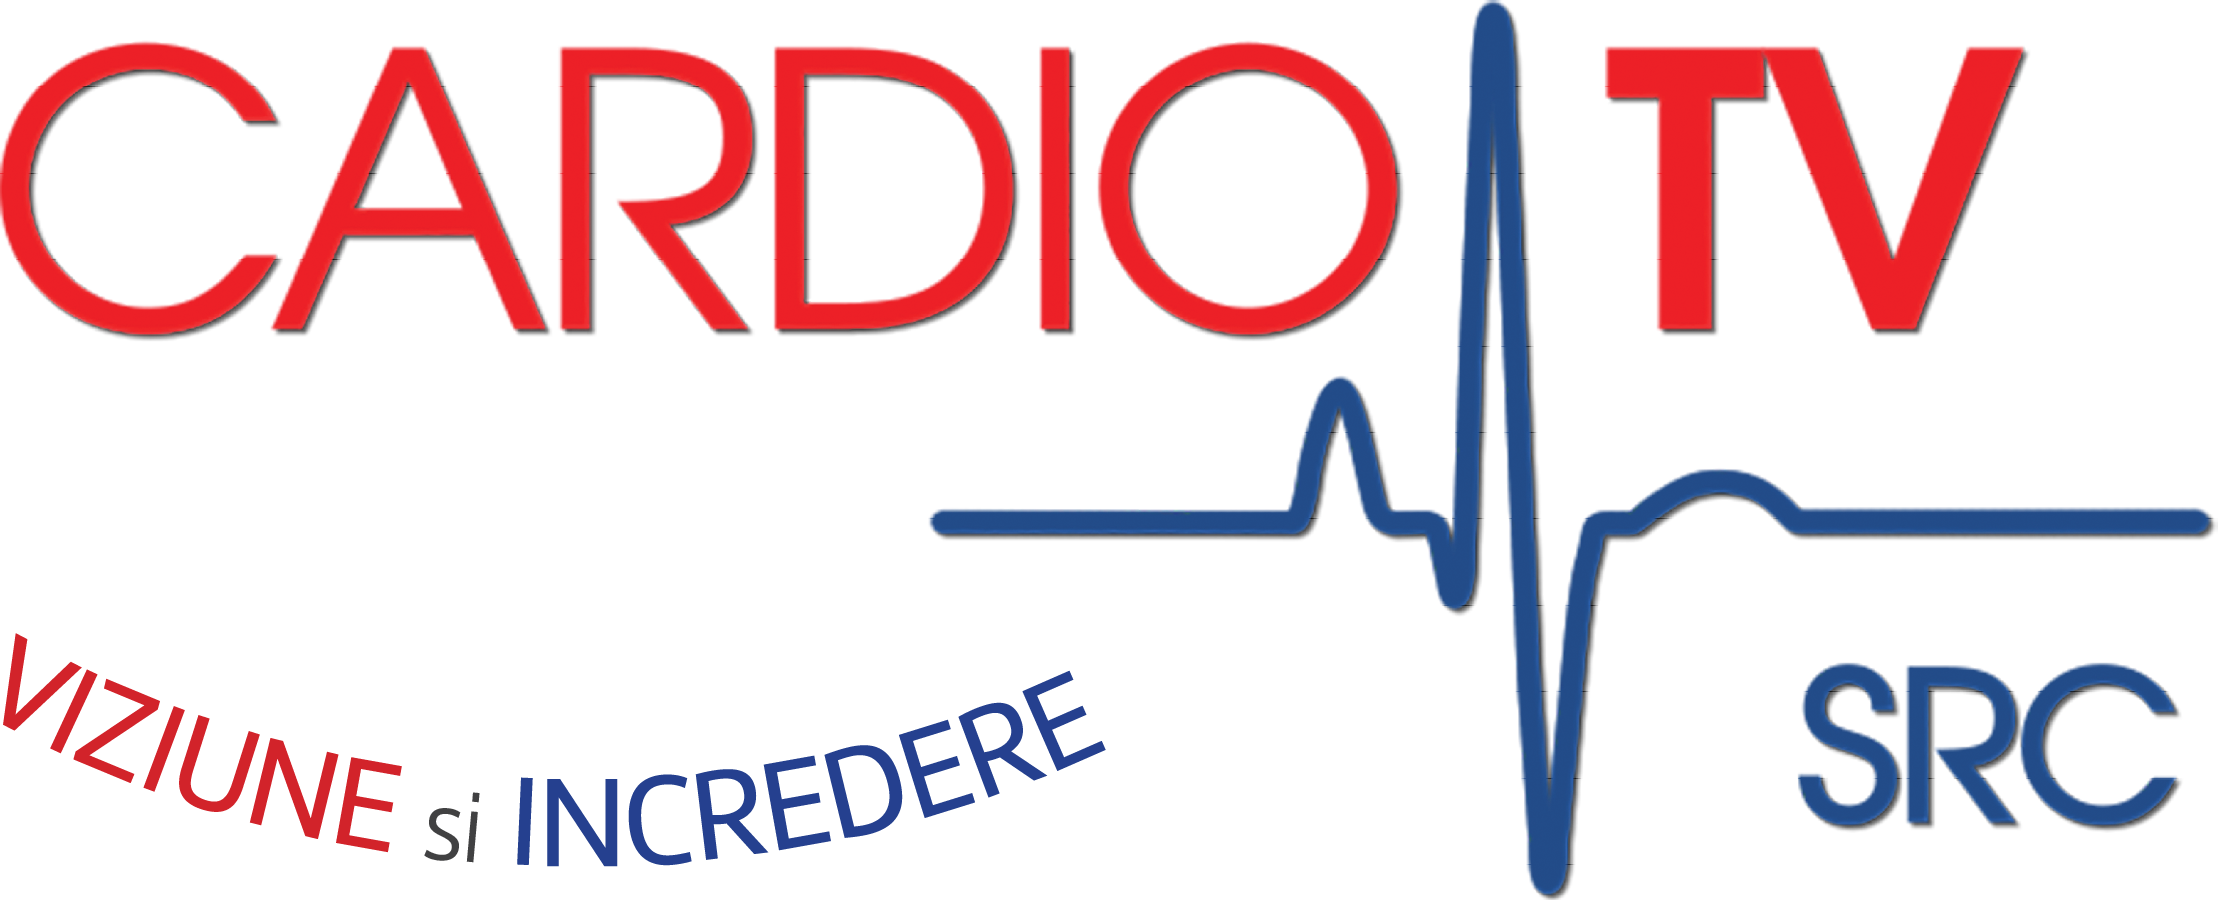 Cardio TV SRC